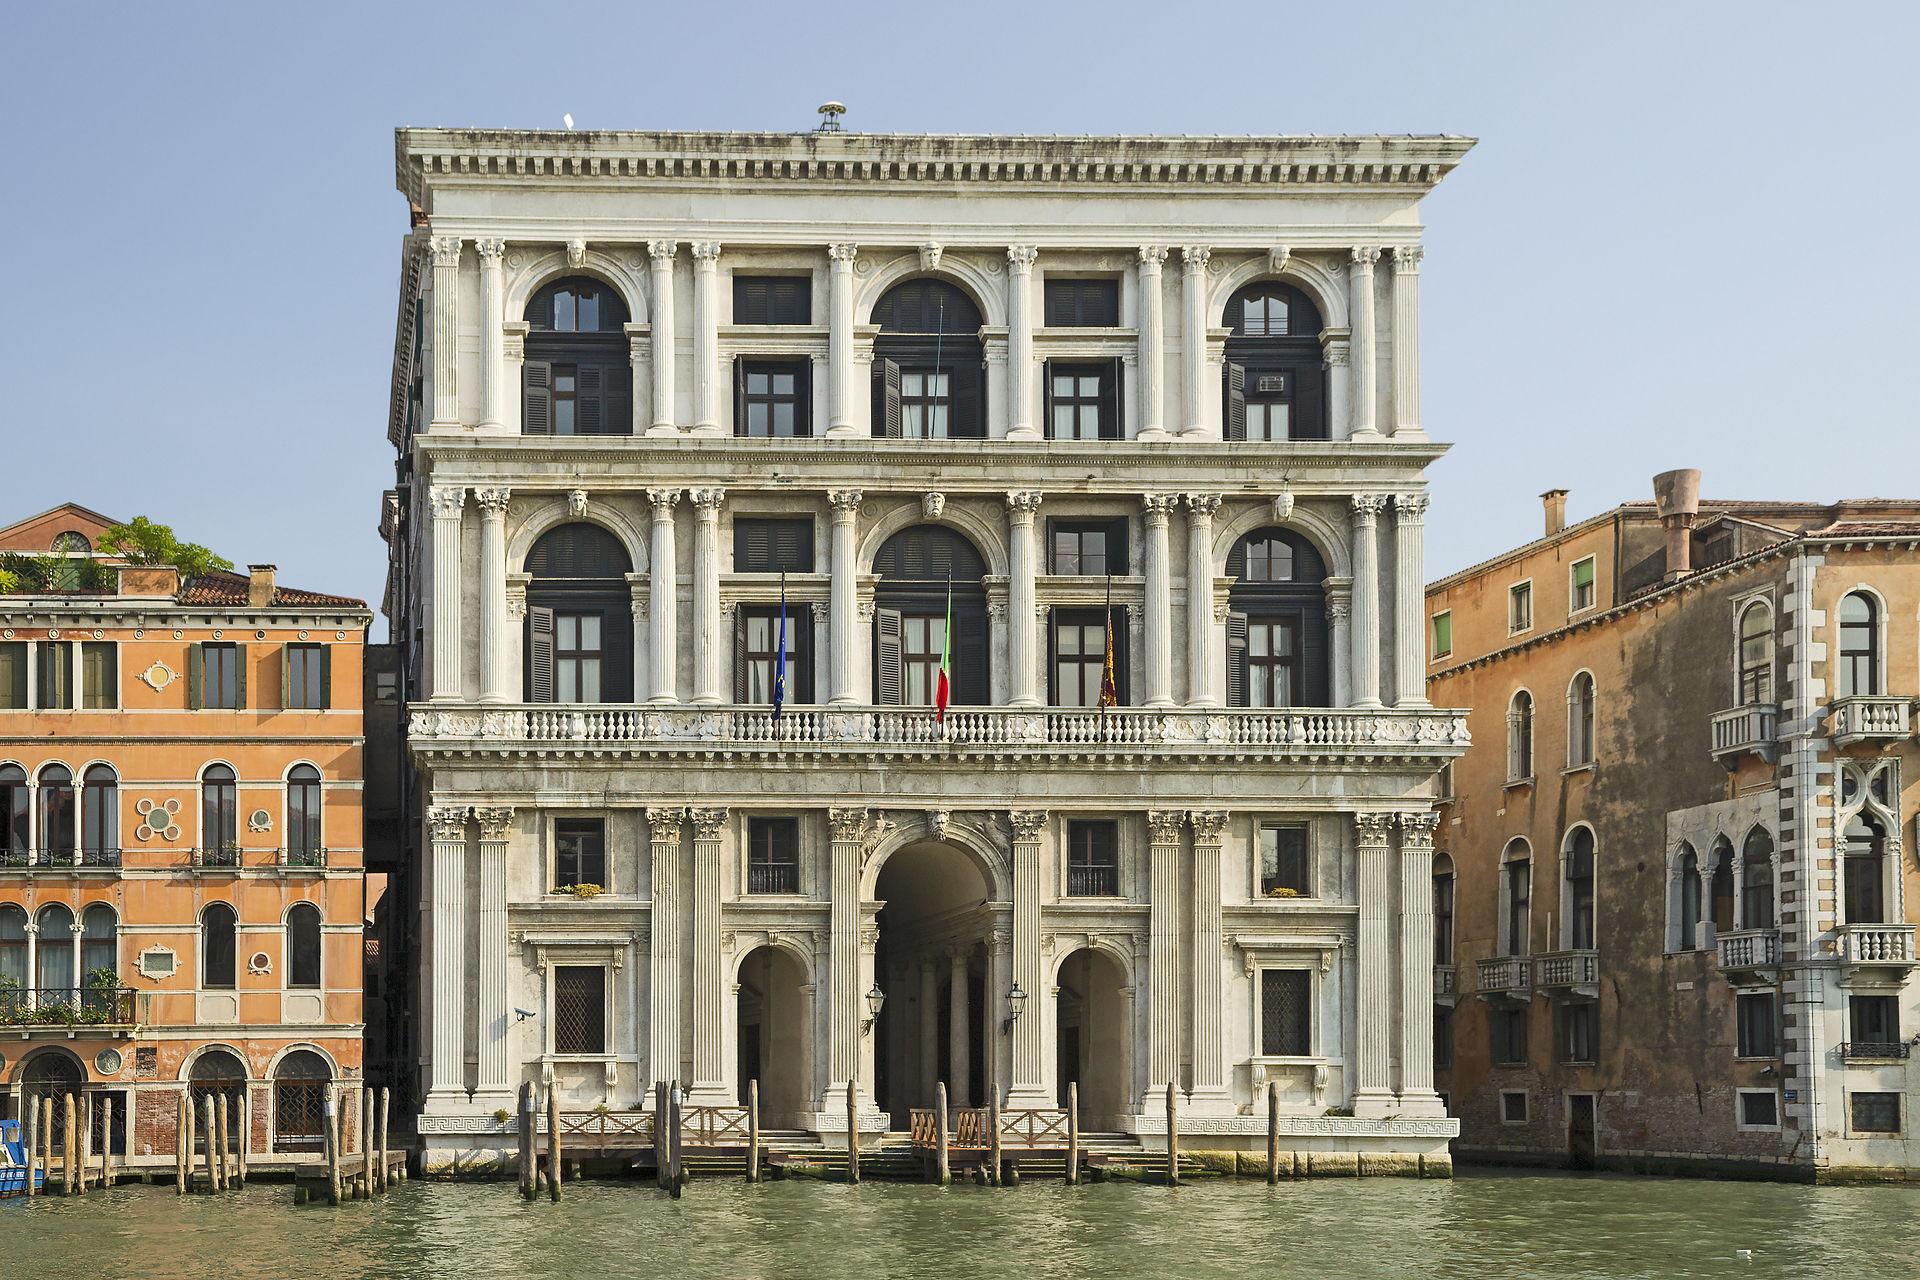 Palazzo corner of ca grande for Scuola sansovino venezia